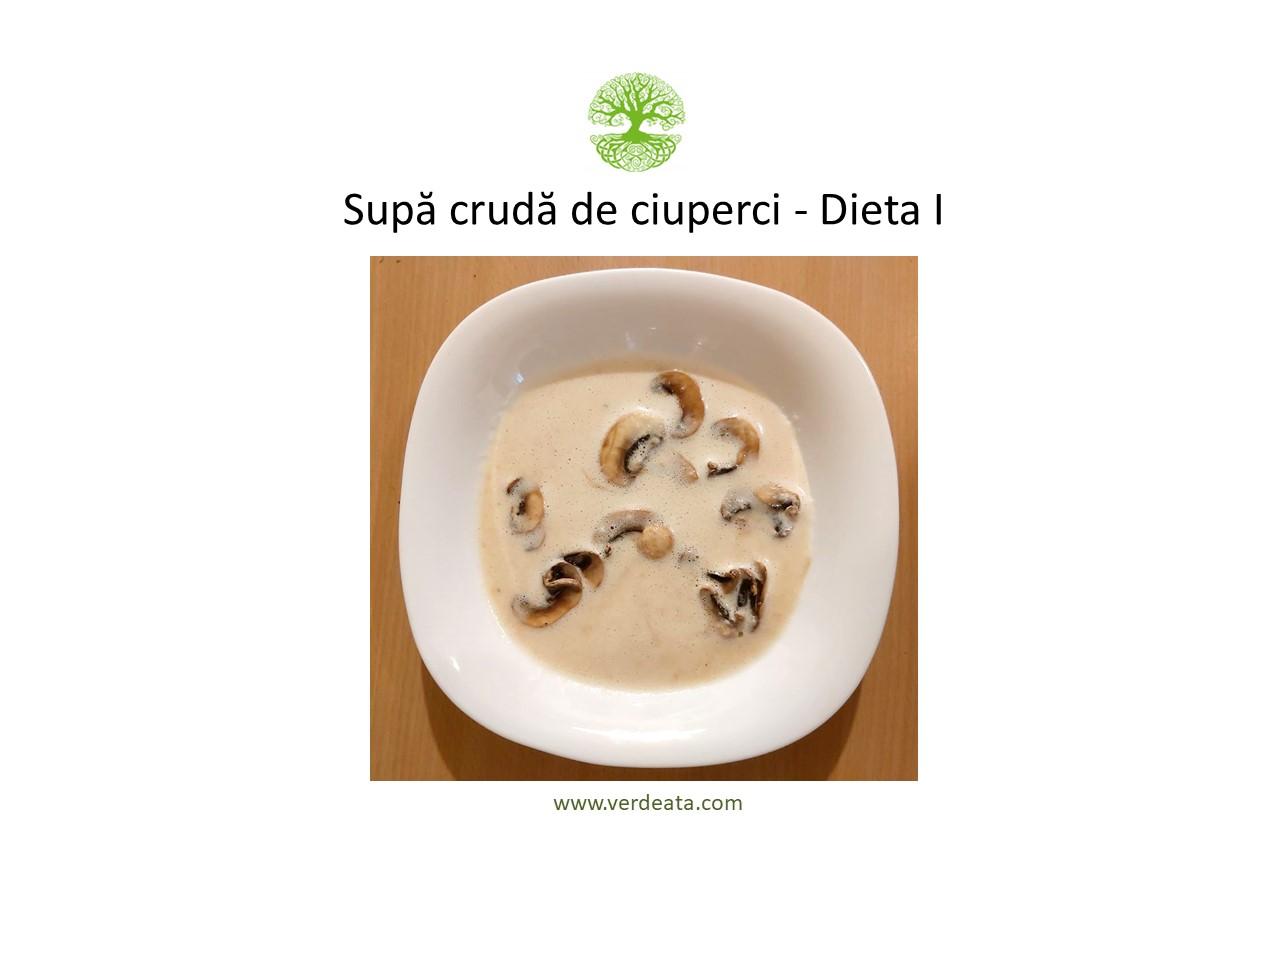 Supă crudă de ciuperci - Dieta I